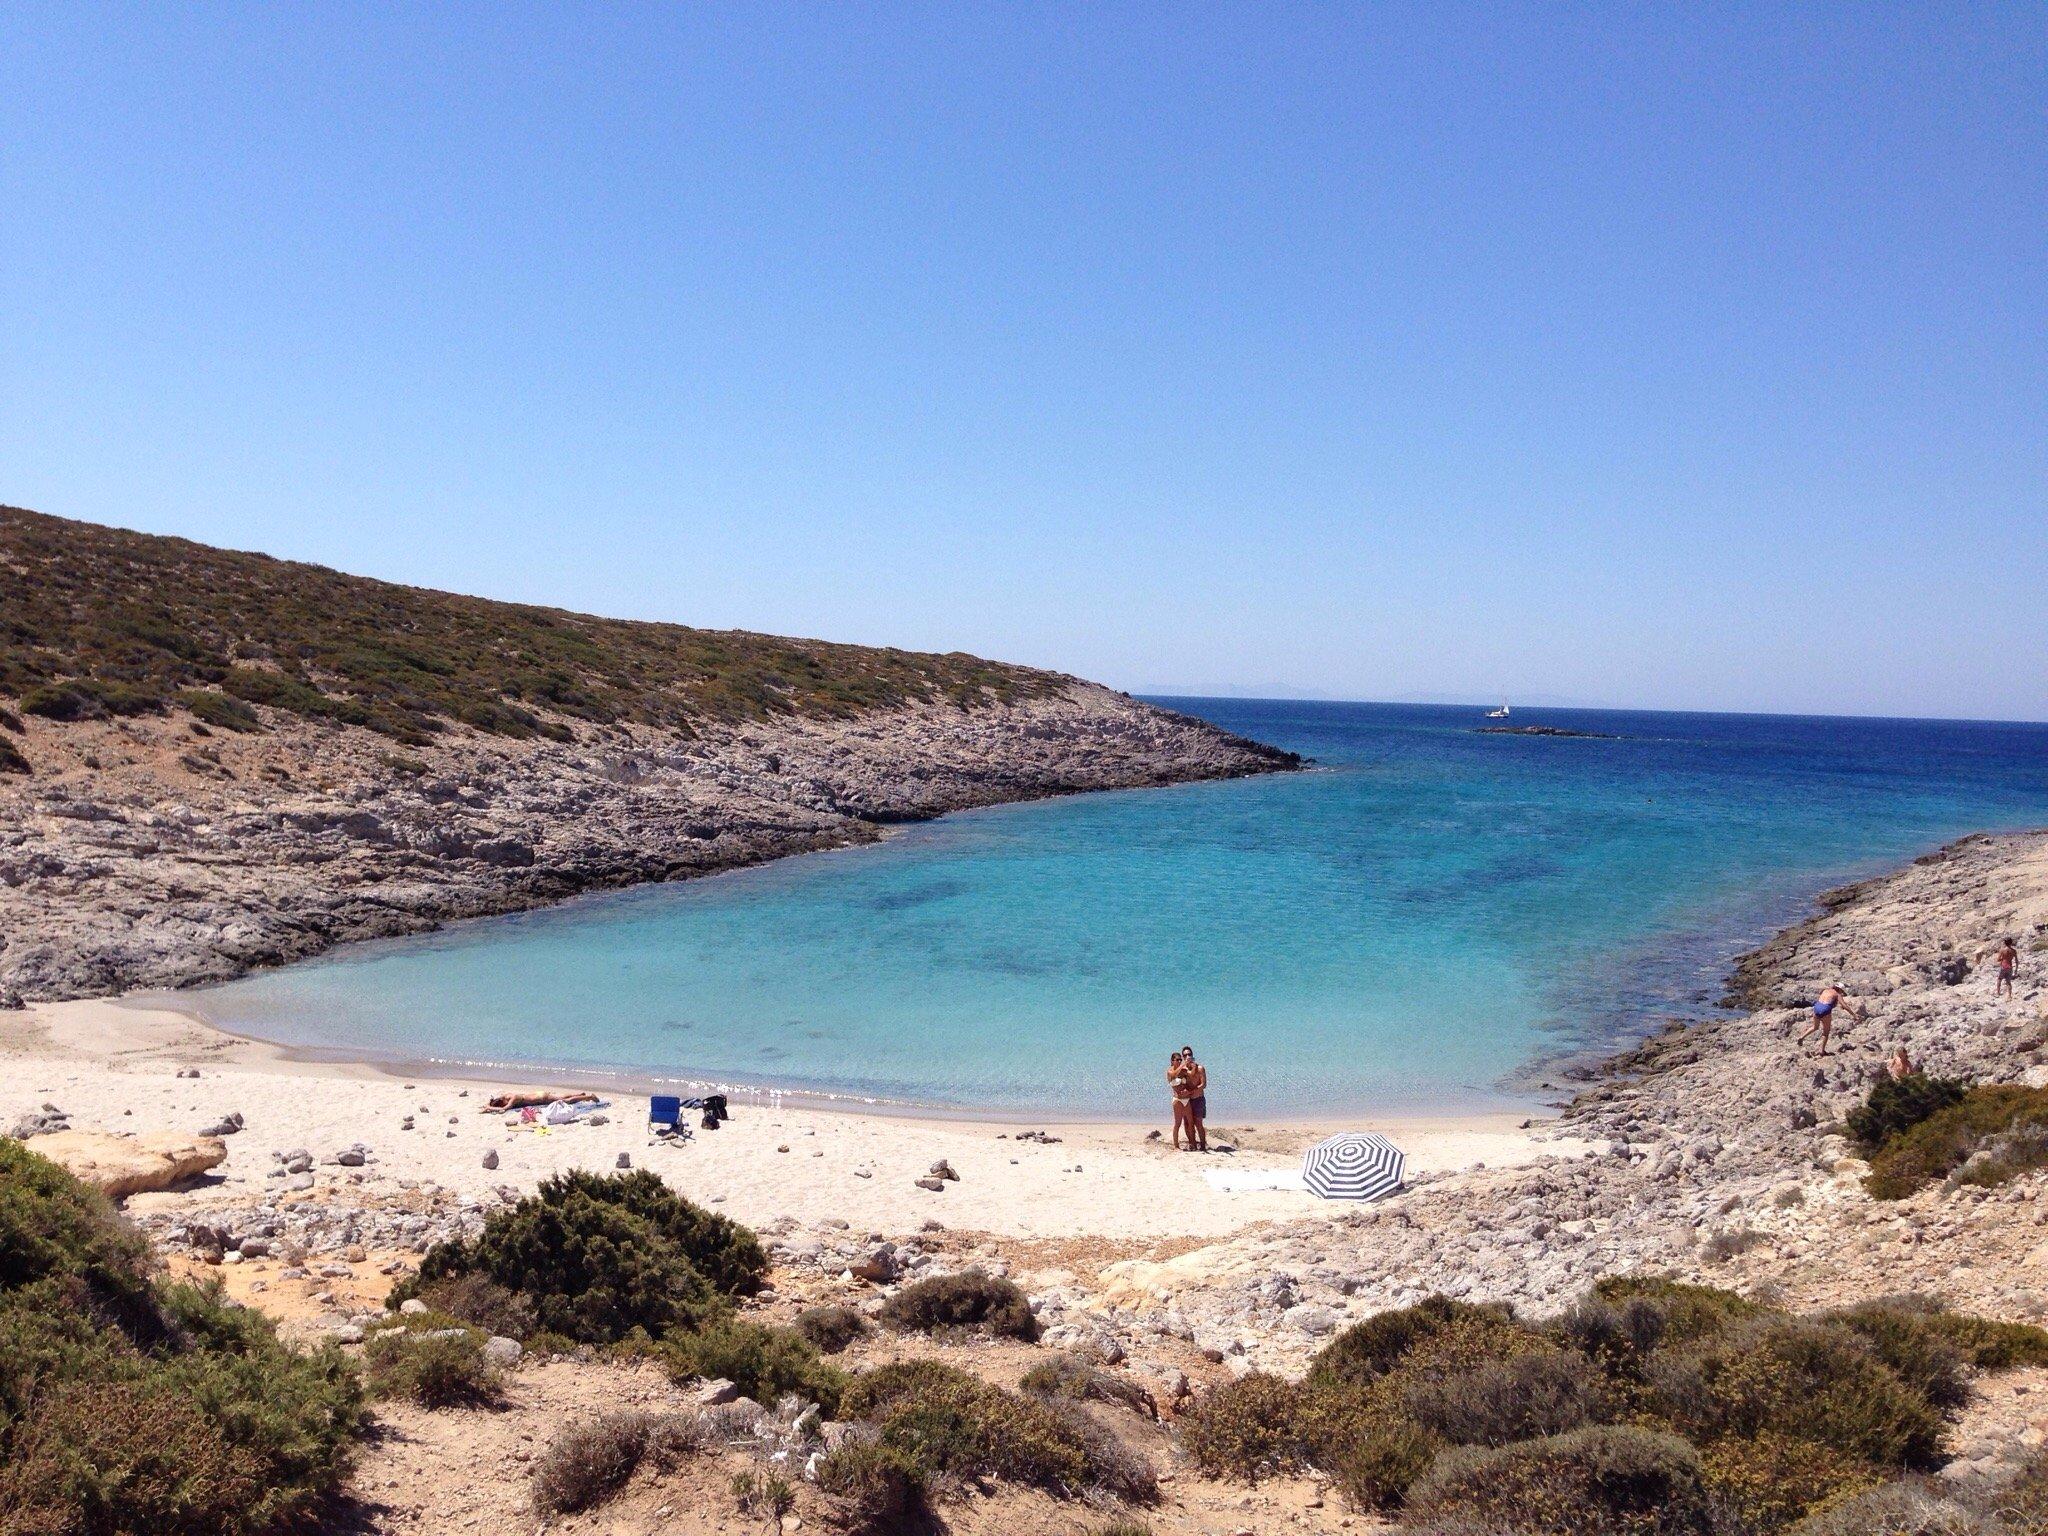 Παραλία Φανερωμένη - Antiparos island, Greece - Antiparos.com